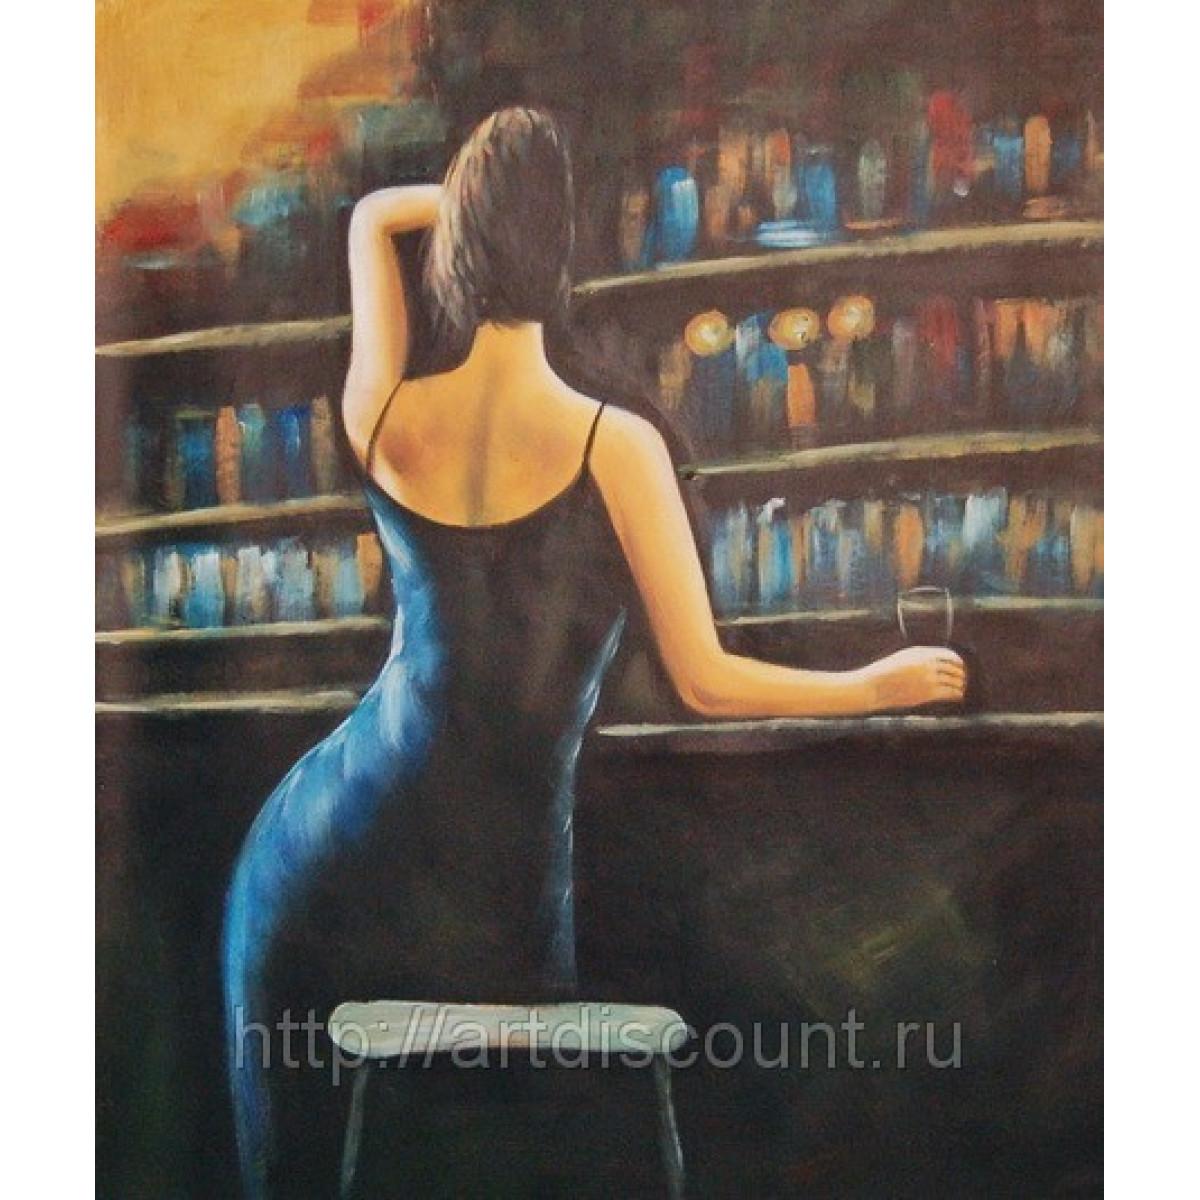 """Картина """"Девушка в баре"""" Холст, масло, 50х60см"""